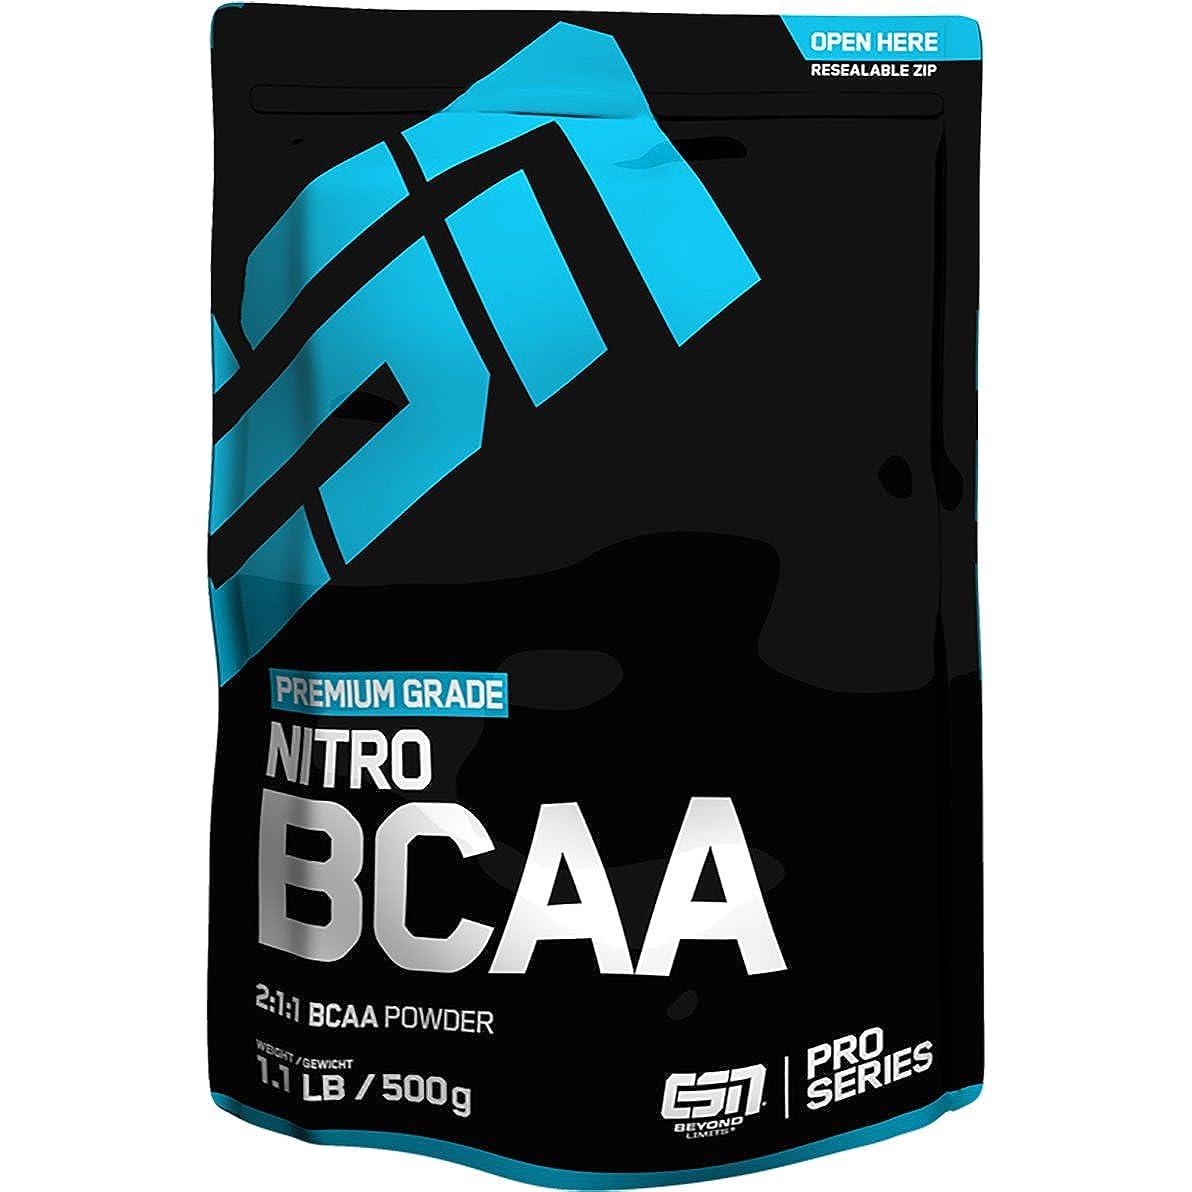 Vor dem Kauf eines BCAA sollten Sie sich gut über die verschiedenen Wirkungsweisen informieren.